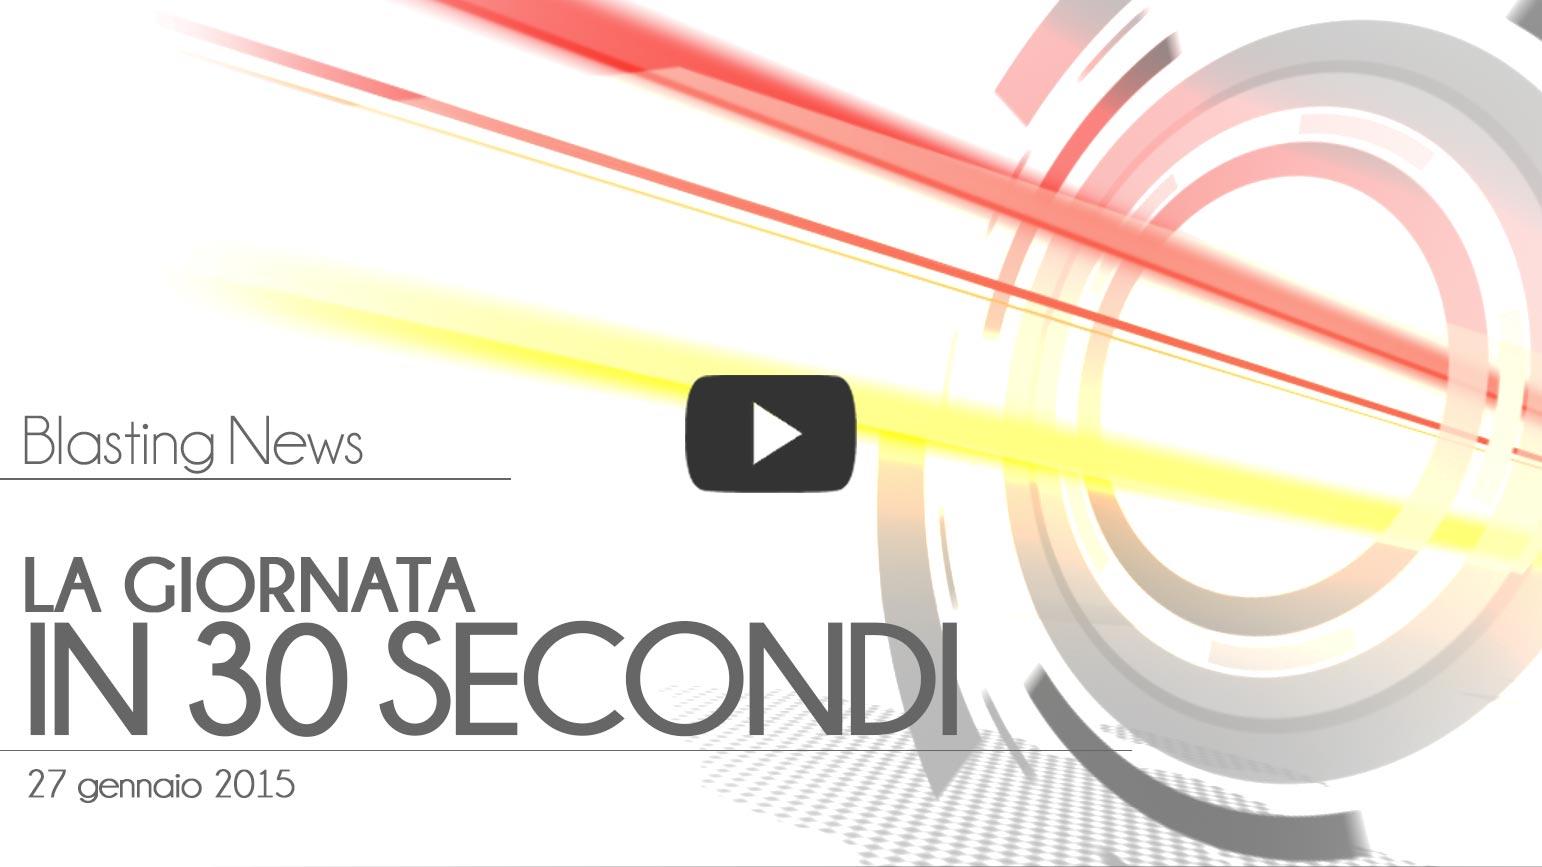 La giornata in 30 secondi - 27 gennaio 2015